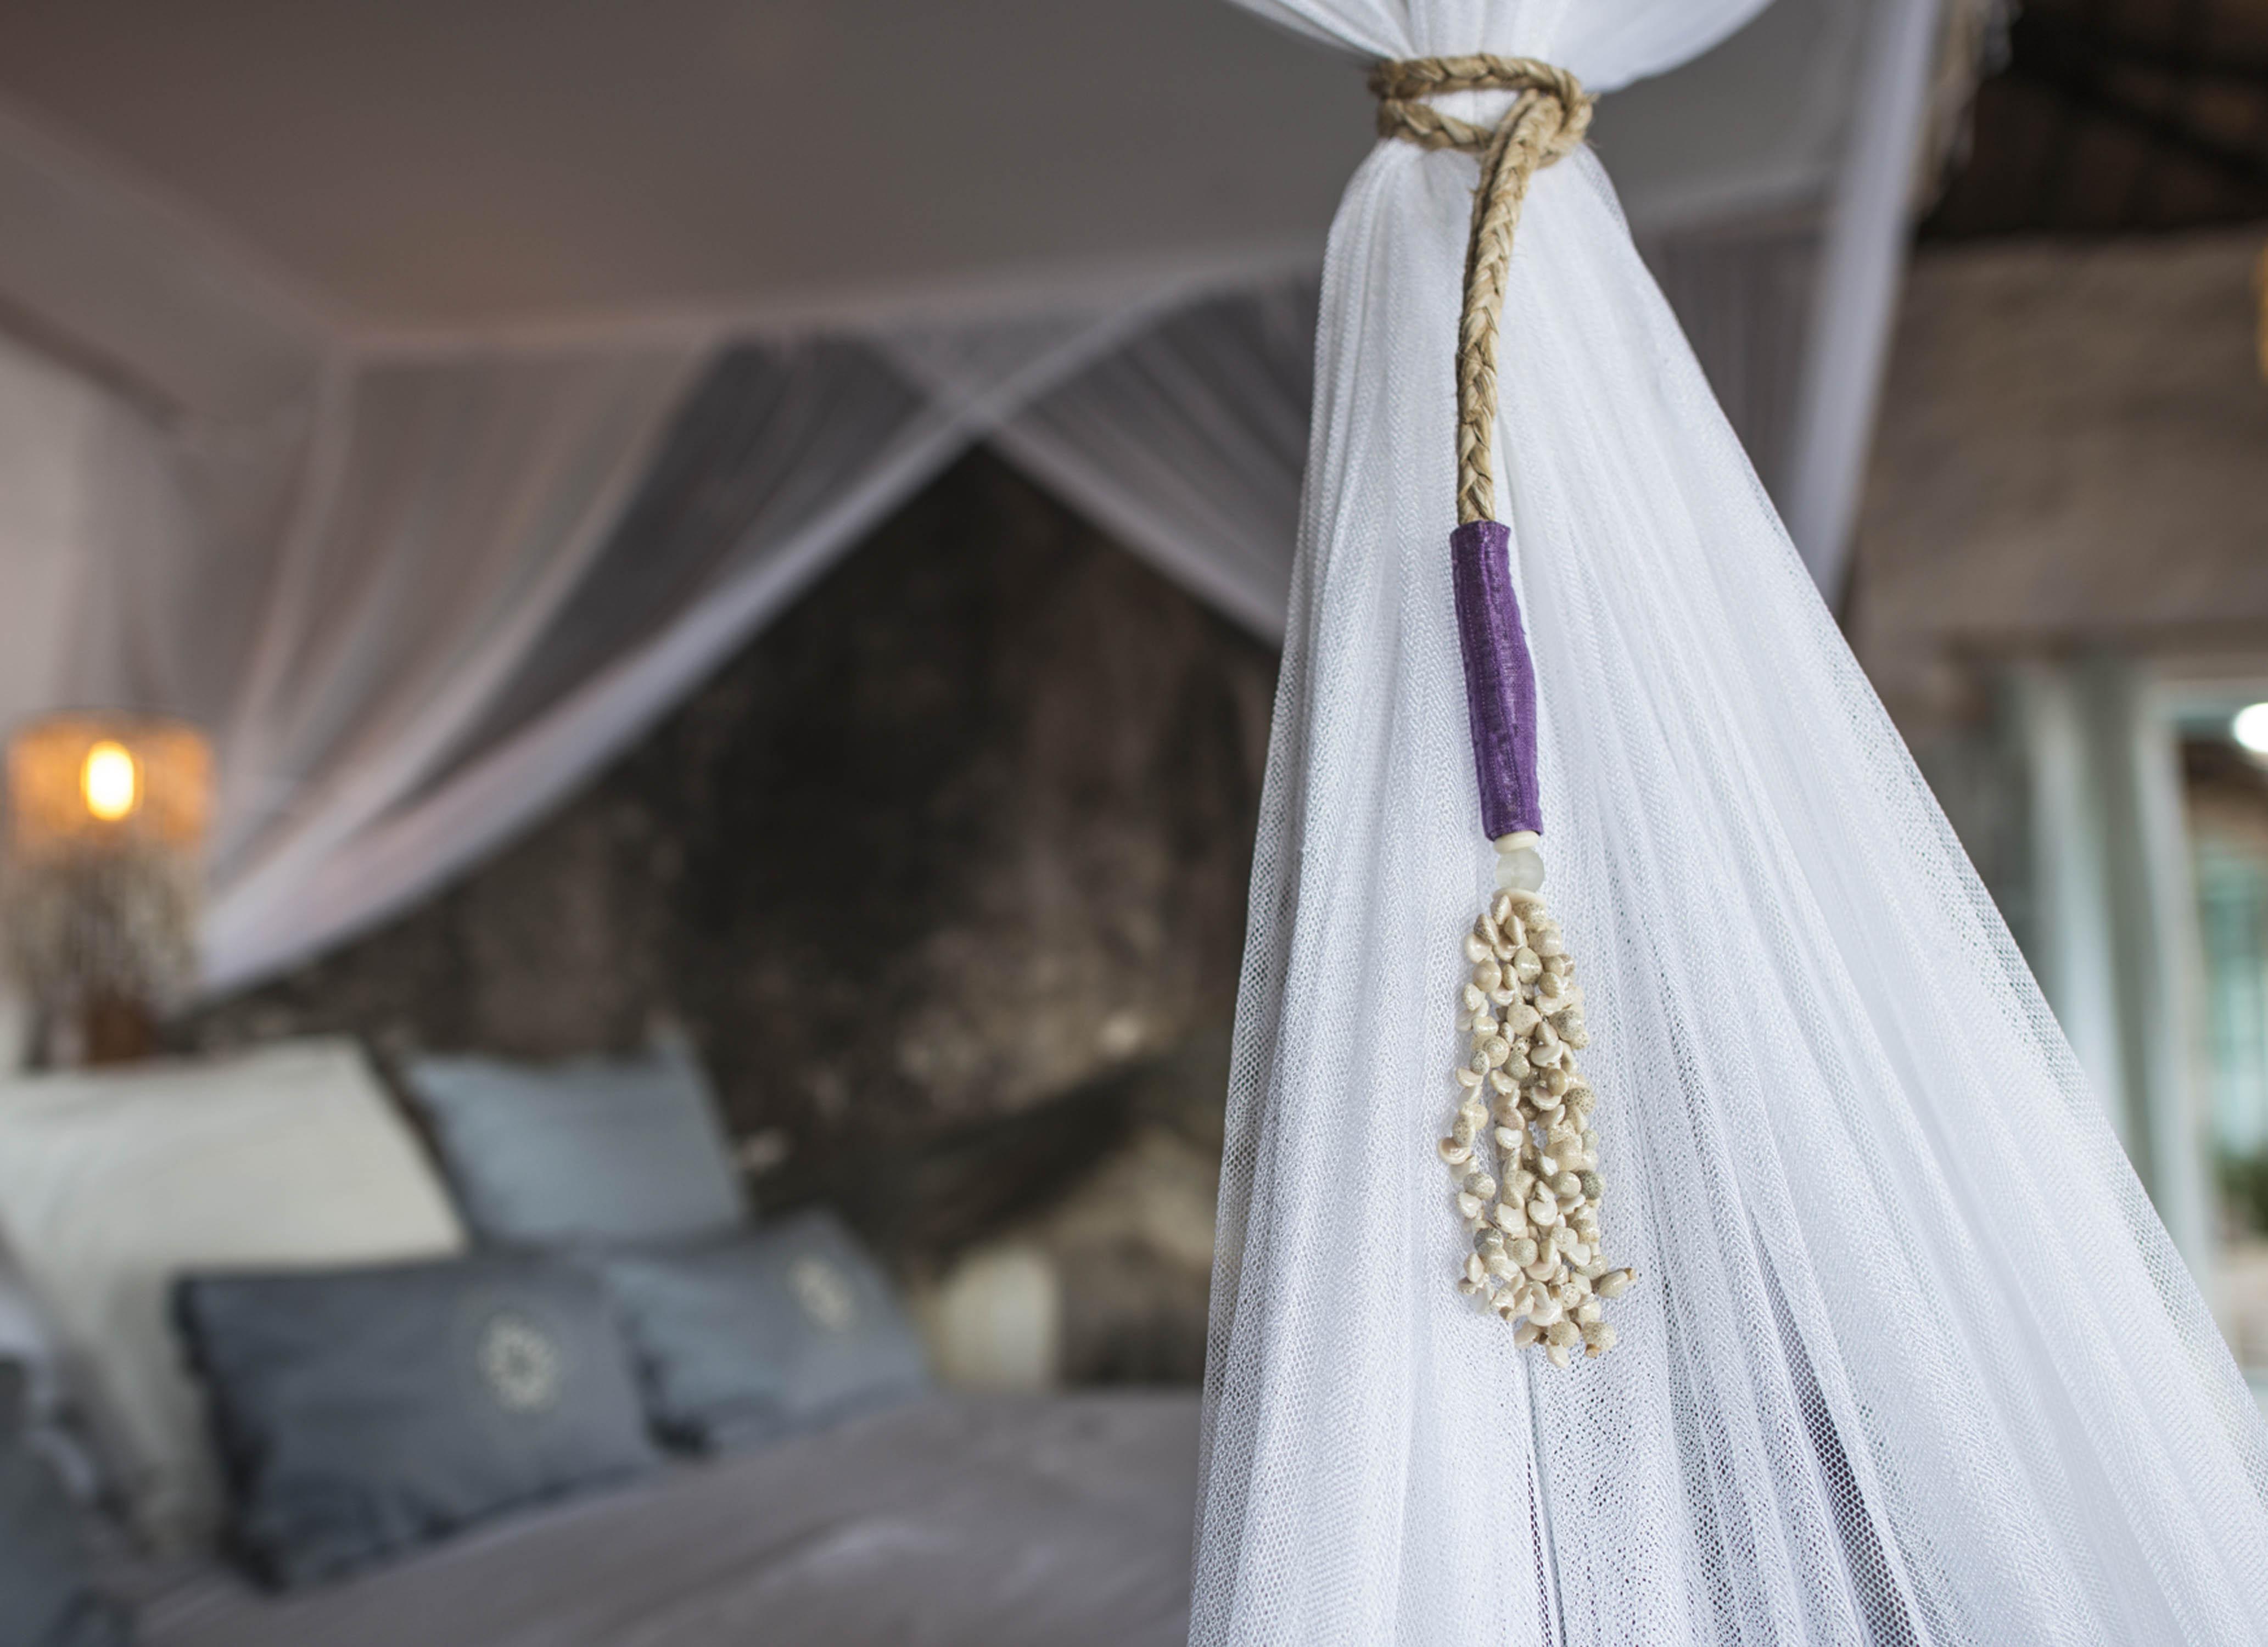 mosquito net ties kaya mawa interiors